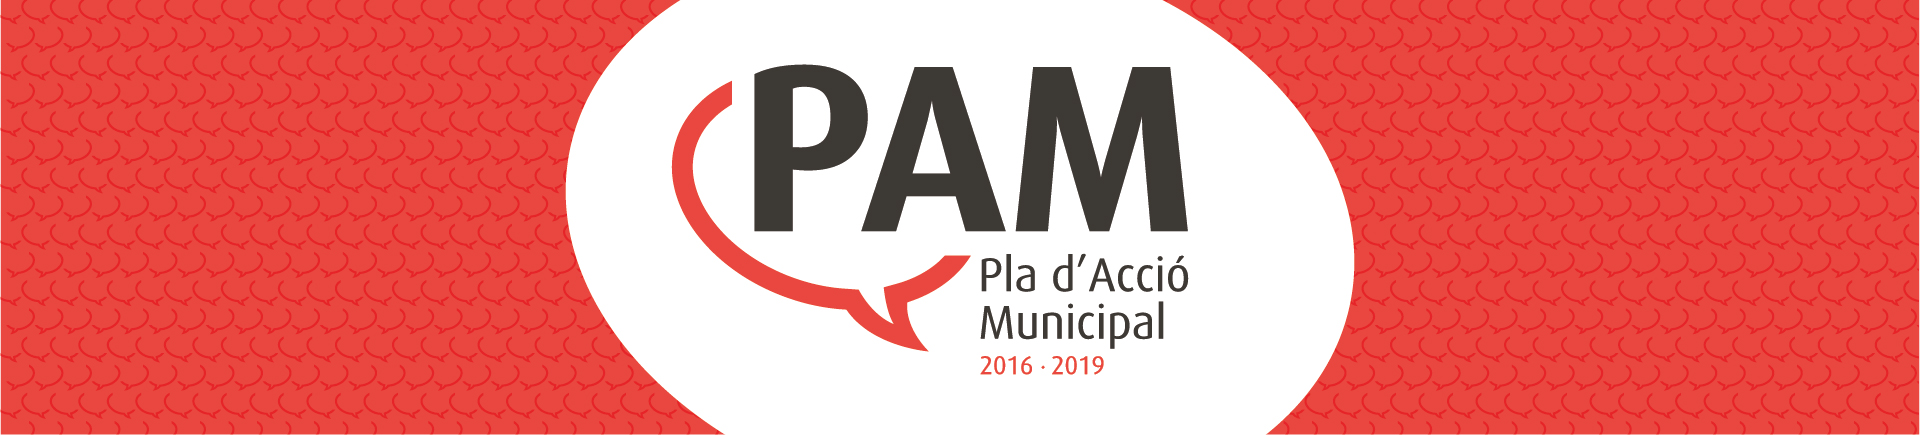 Capçalera PAM